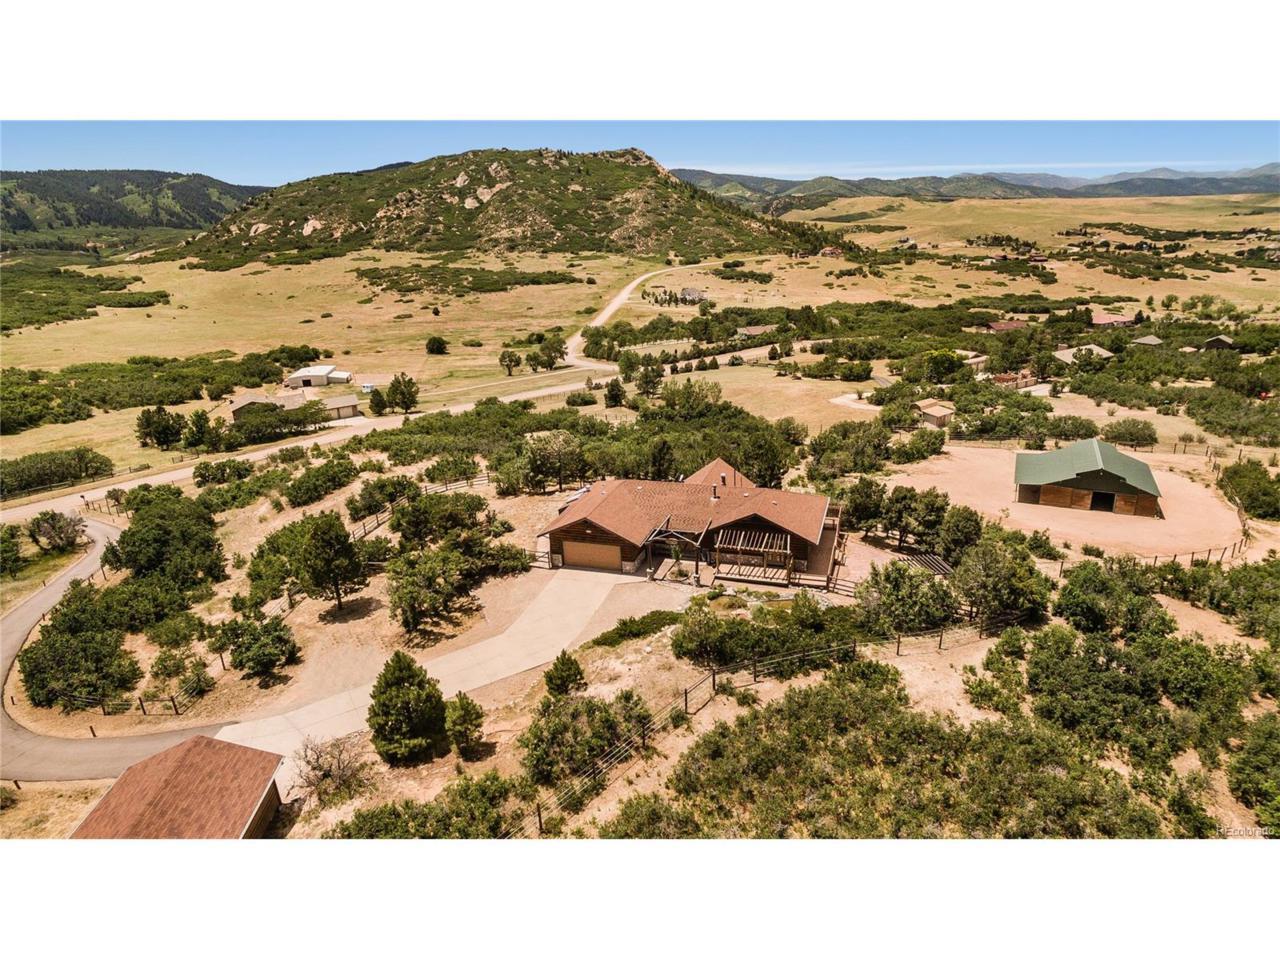 3134 Winnebago Drive, Sedalia, CO 80135 (MLS #7755583) :: 8z Real Estate